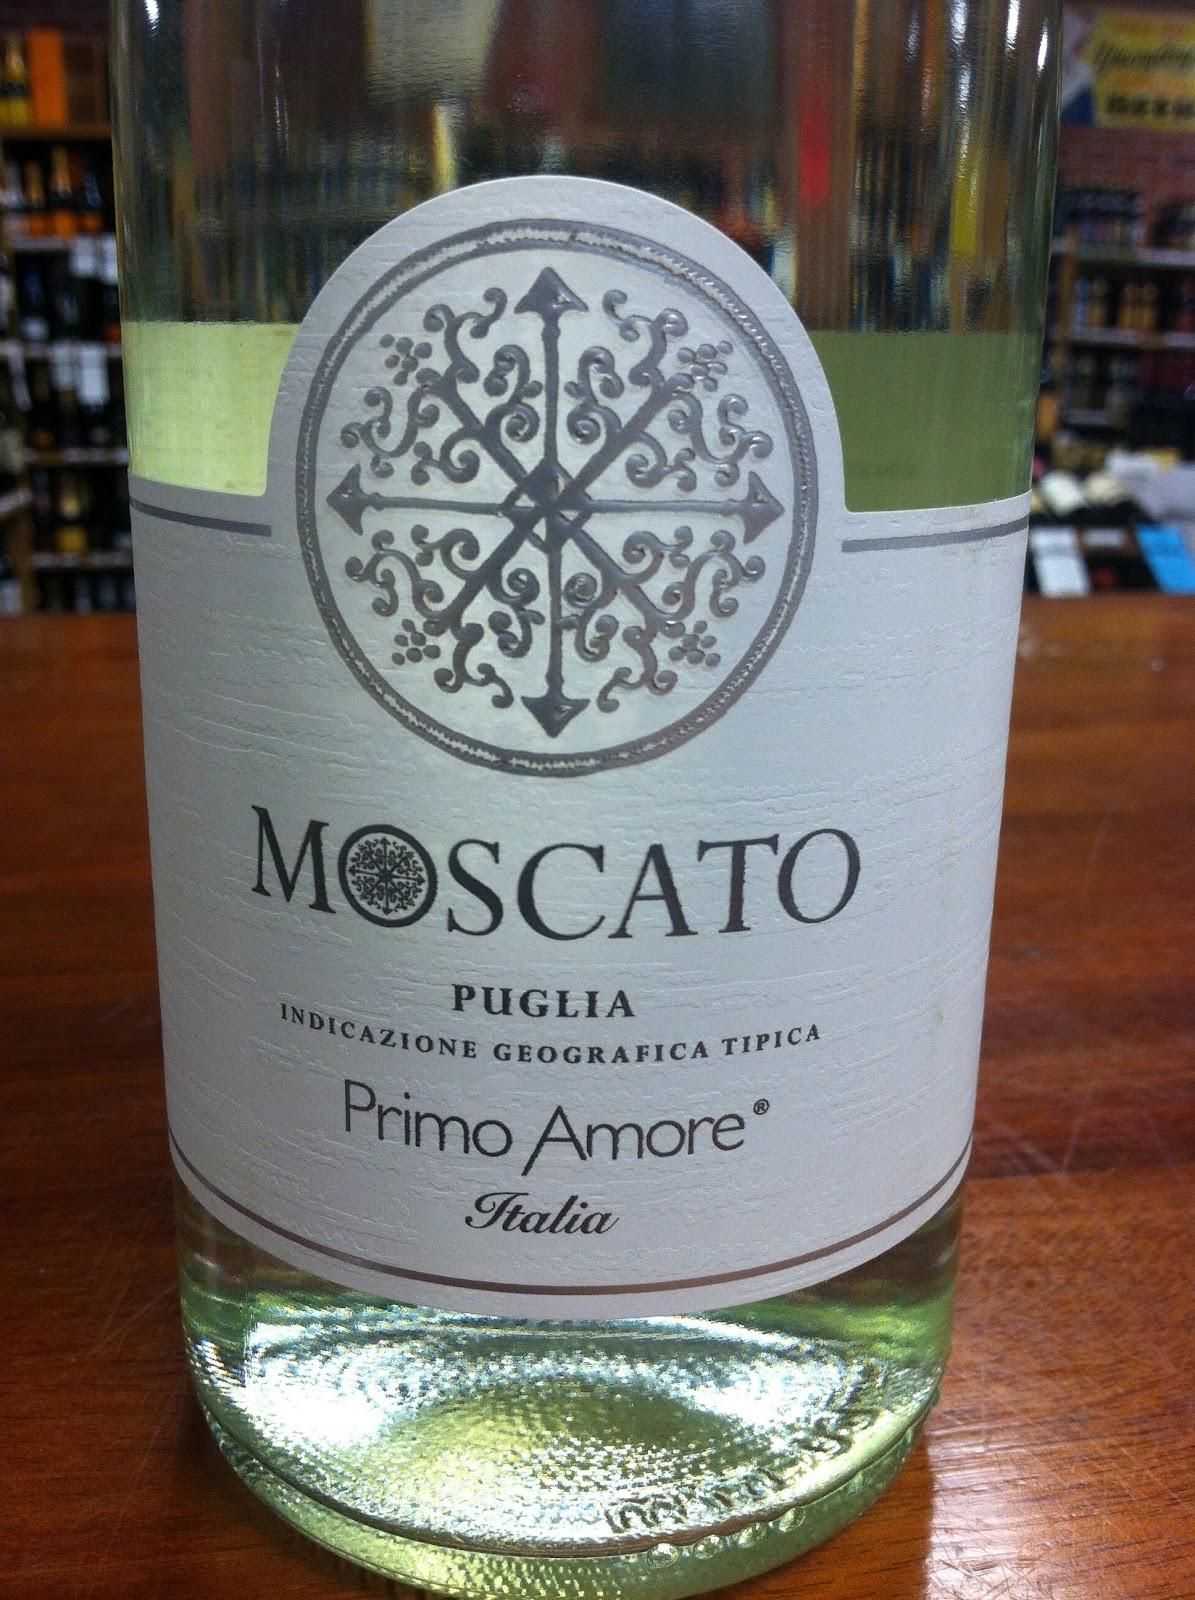 Sarah 39 s wine blog tasting moscato puglia primo amore - Olive garden moscato primo amore ...